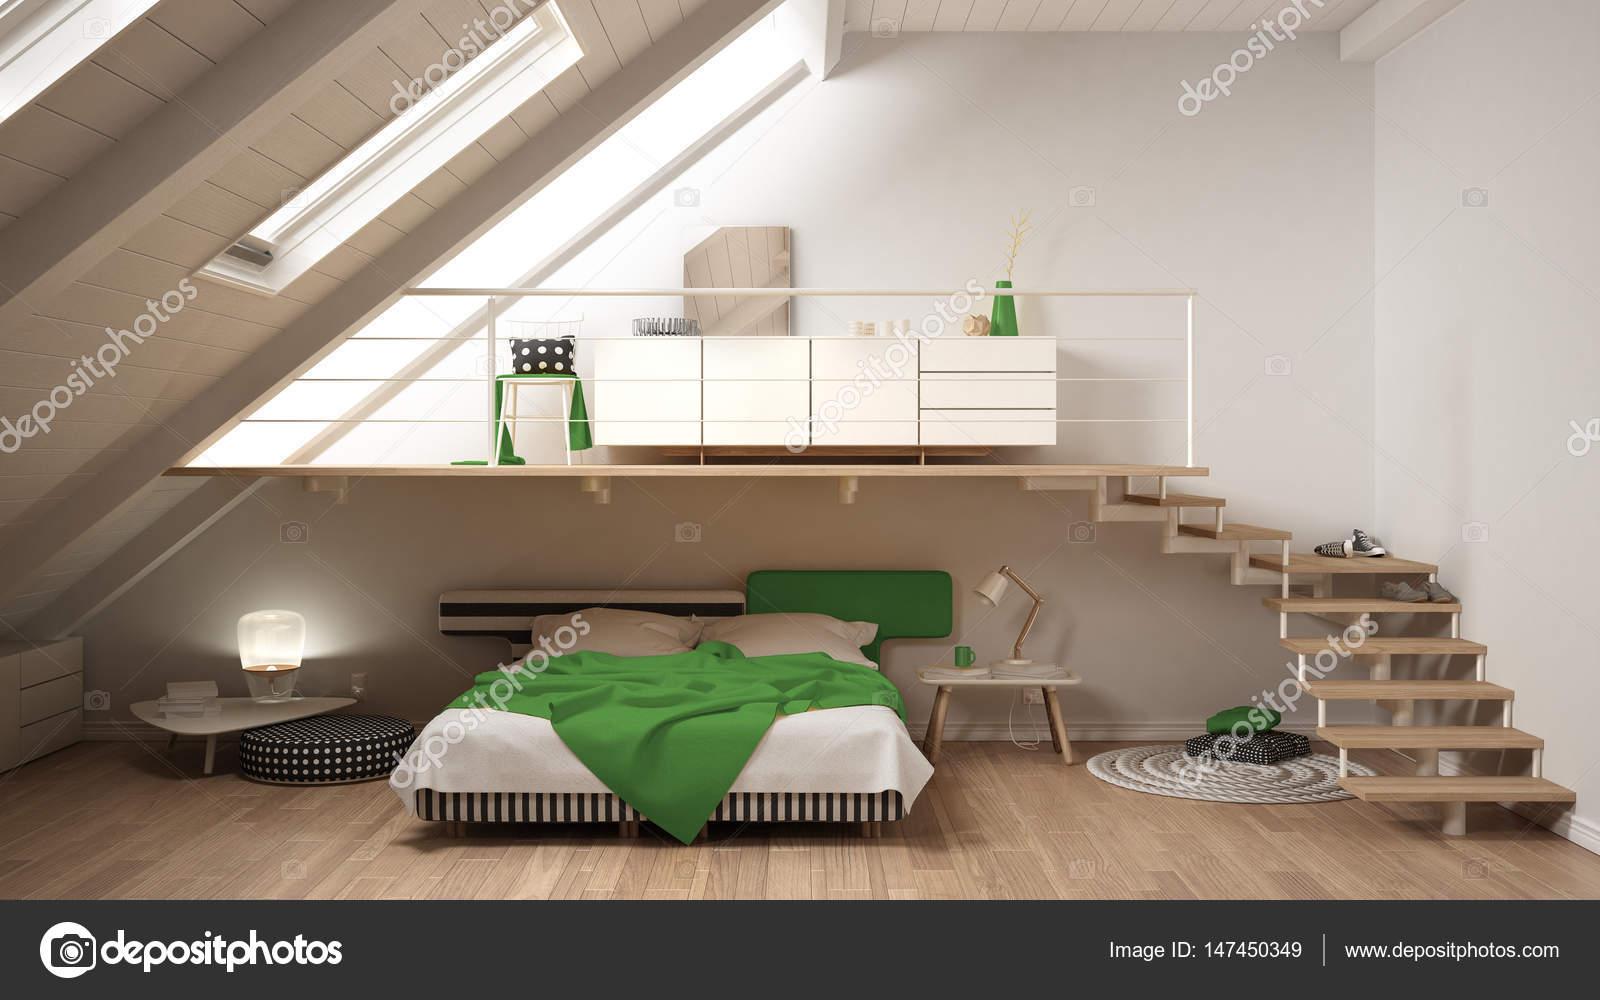 Chambre Minimaliste Scandinave En Mezzanine Loft, Décoration Classique  Blanche Et Verte U2014 Image De ...